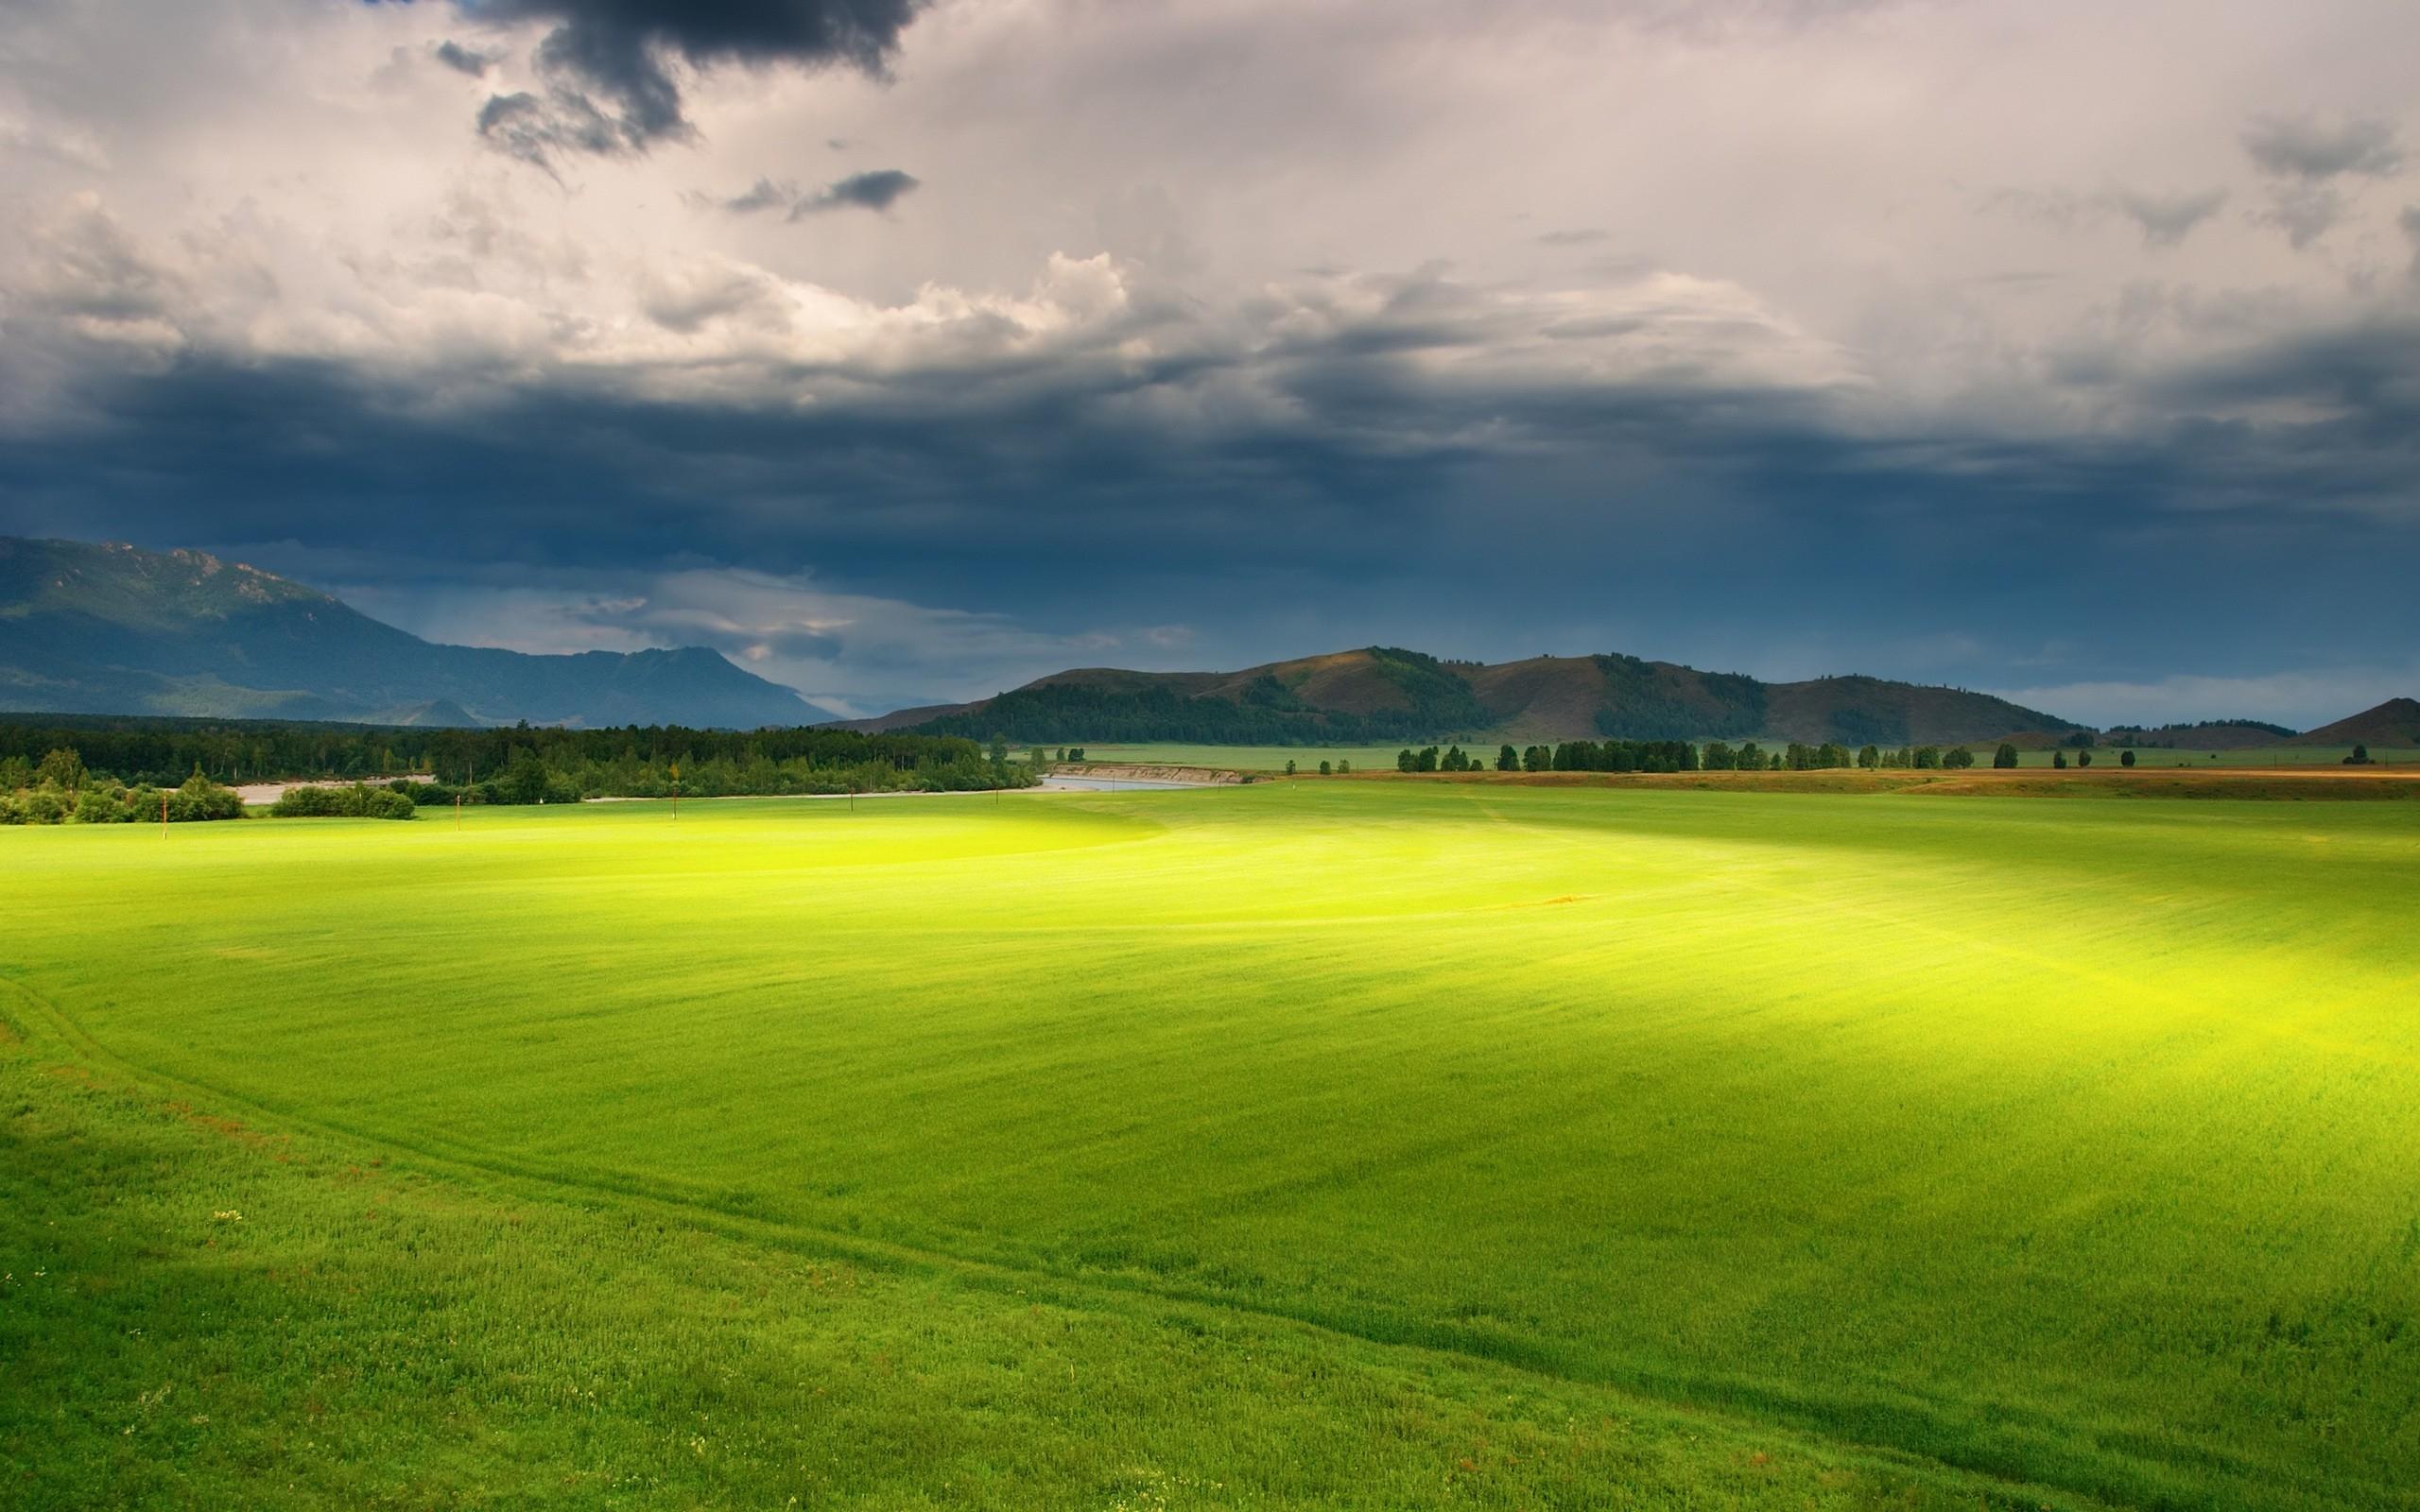 природа поле деревья облака горизонт nature field trees clouds horizon скачать